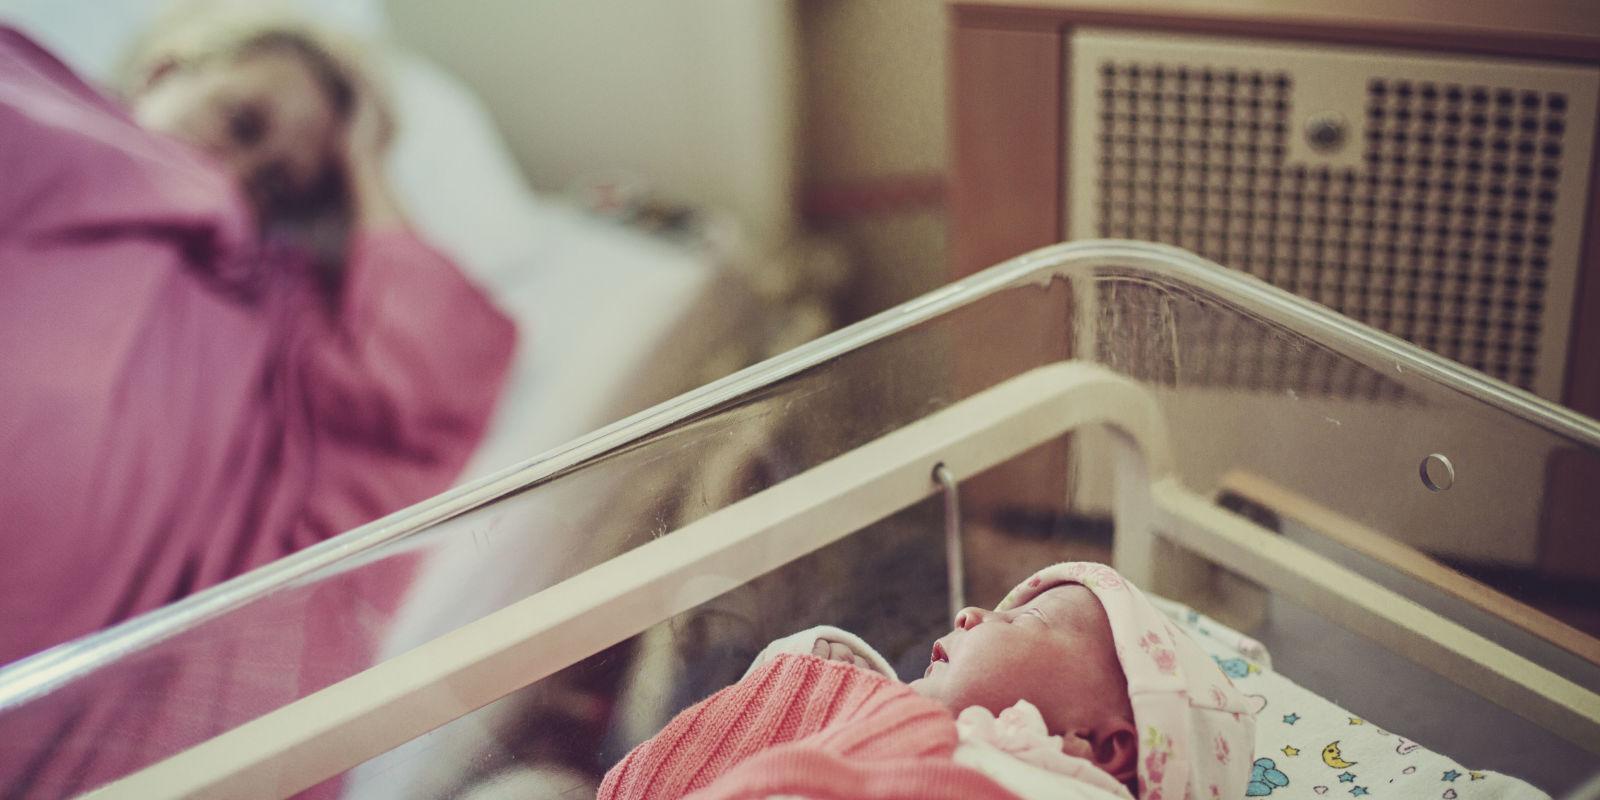 母乳餵養困難的女性 產後抑鬱風險較高